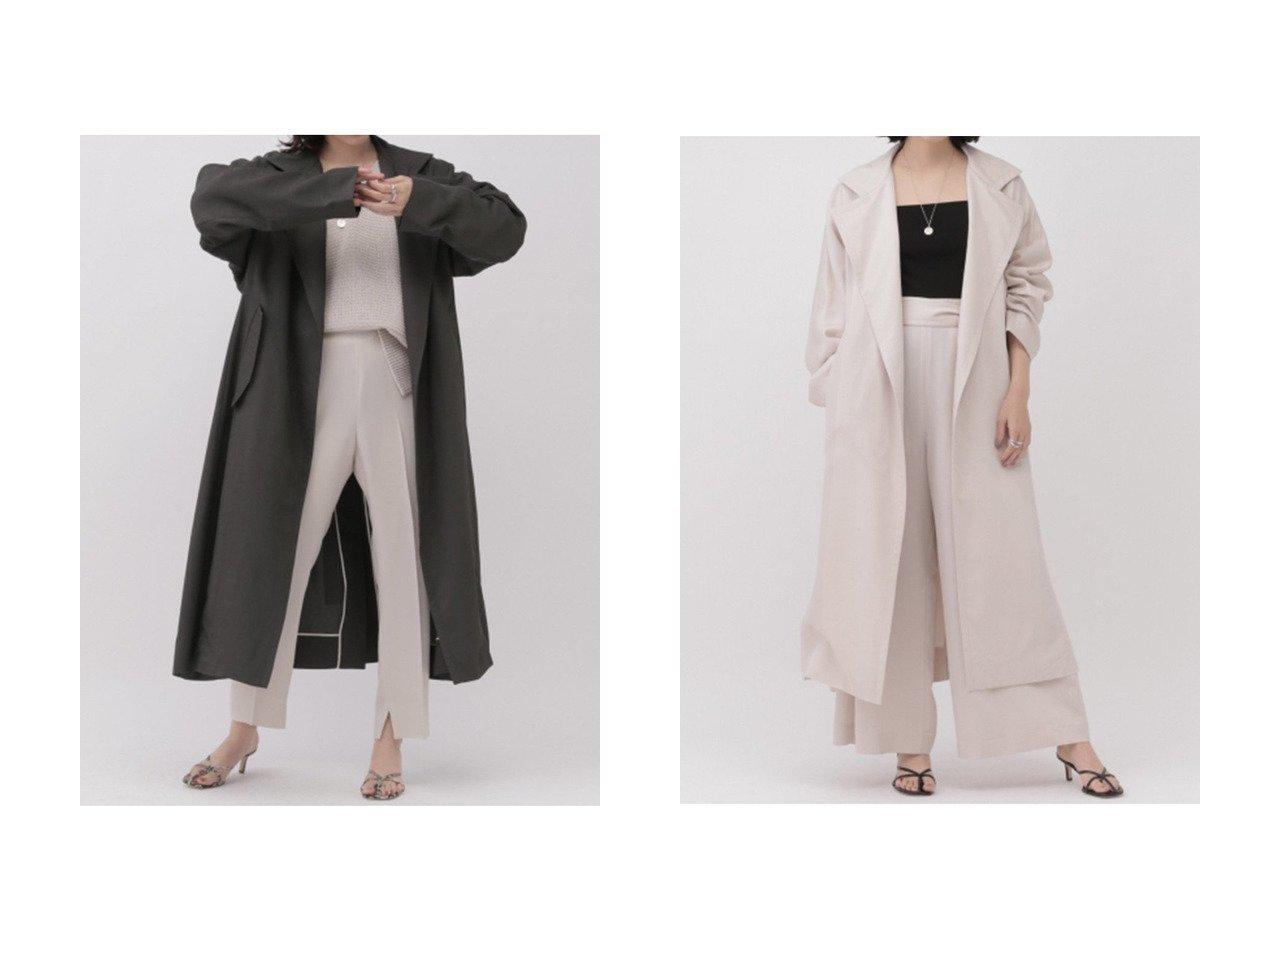 【Chaos/カオス】のフリソルラップガウン アウターのおすすめ!人気、トレンド・レディースファッションの通販 おすすめで人気の流行・トレンド、ファッションの通販商品 メンズファッション・キッズファッション・インテリア・家具・レディースファッション・服の通販 founy(ファニー) https://founy.com/ ファッション Fashion レディースファッション WOMEN アウター Coat Outerwear コート Coats 2021年 2021 2021 春夏 S/S SS Spring/Summer 2021 S/S 春夏 SS Spring/Summer ドレープ ロング 春 Spring |ID:crp329100000015380